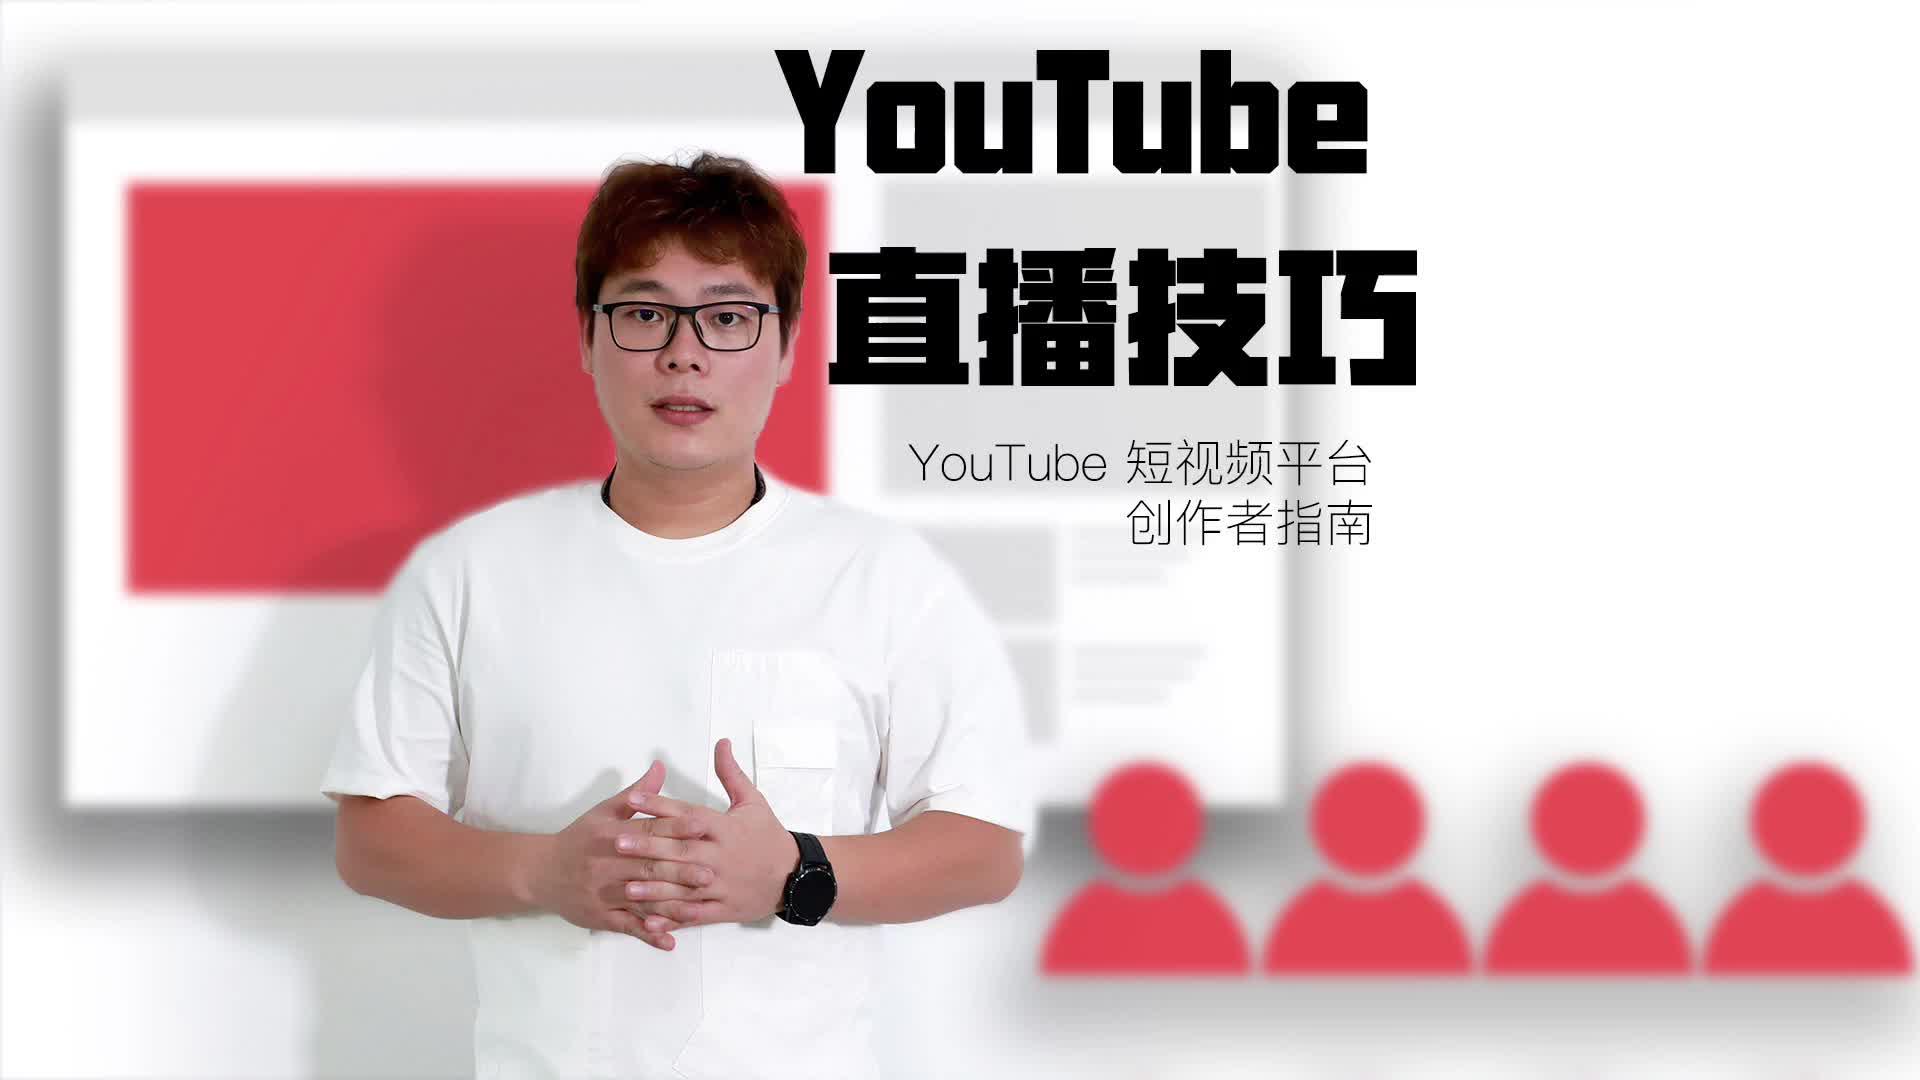 教您打开YouTube直播的⼤⻔